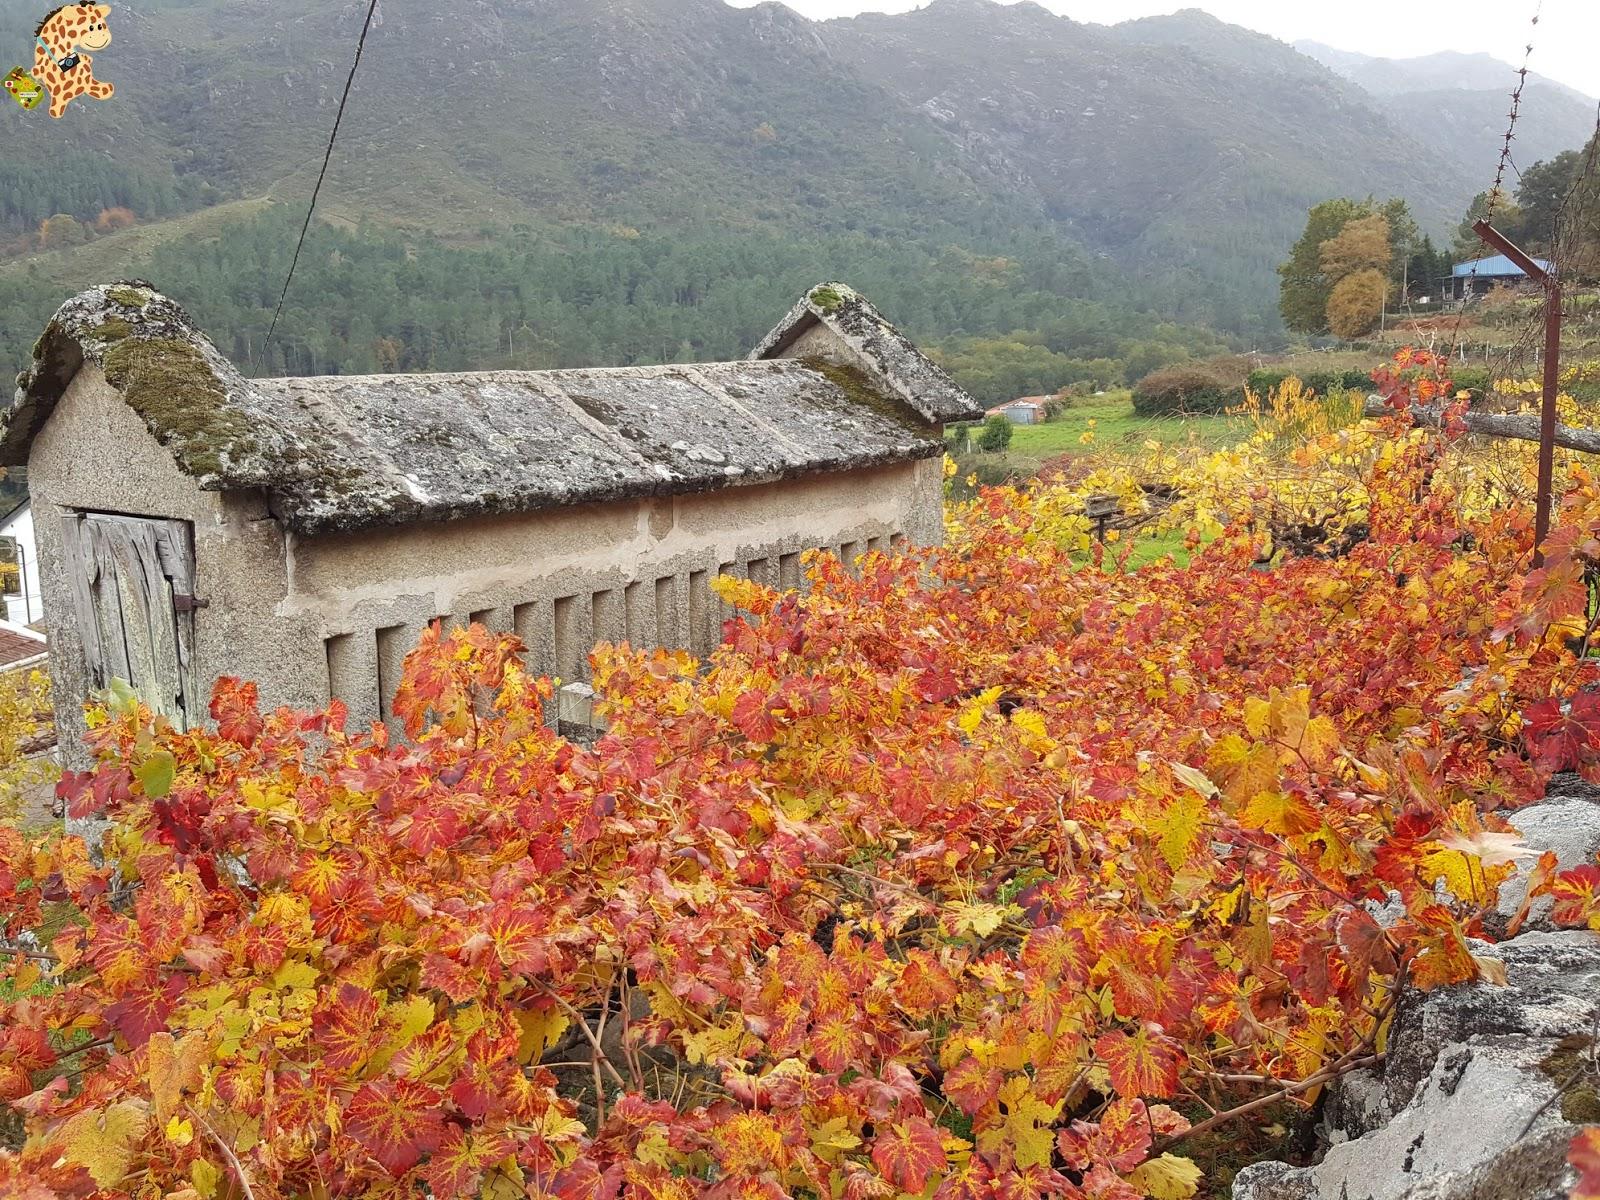 Sur de Ourense: Baixa Limia y Terras de Celanova en un fin de semana